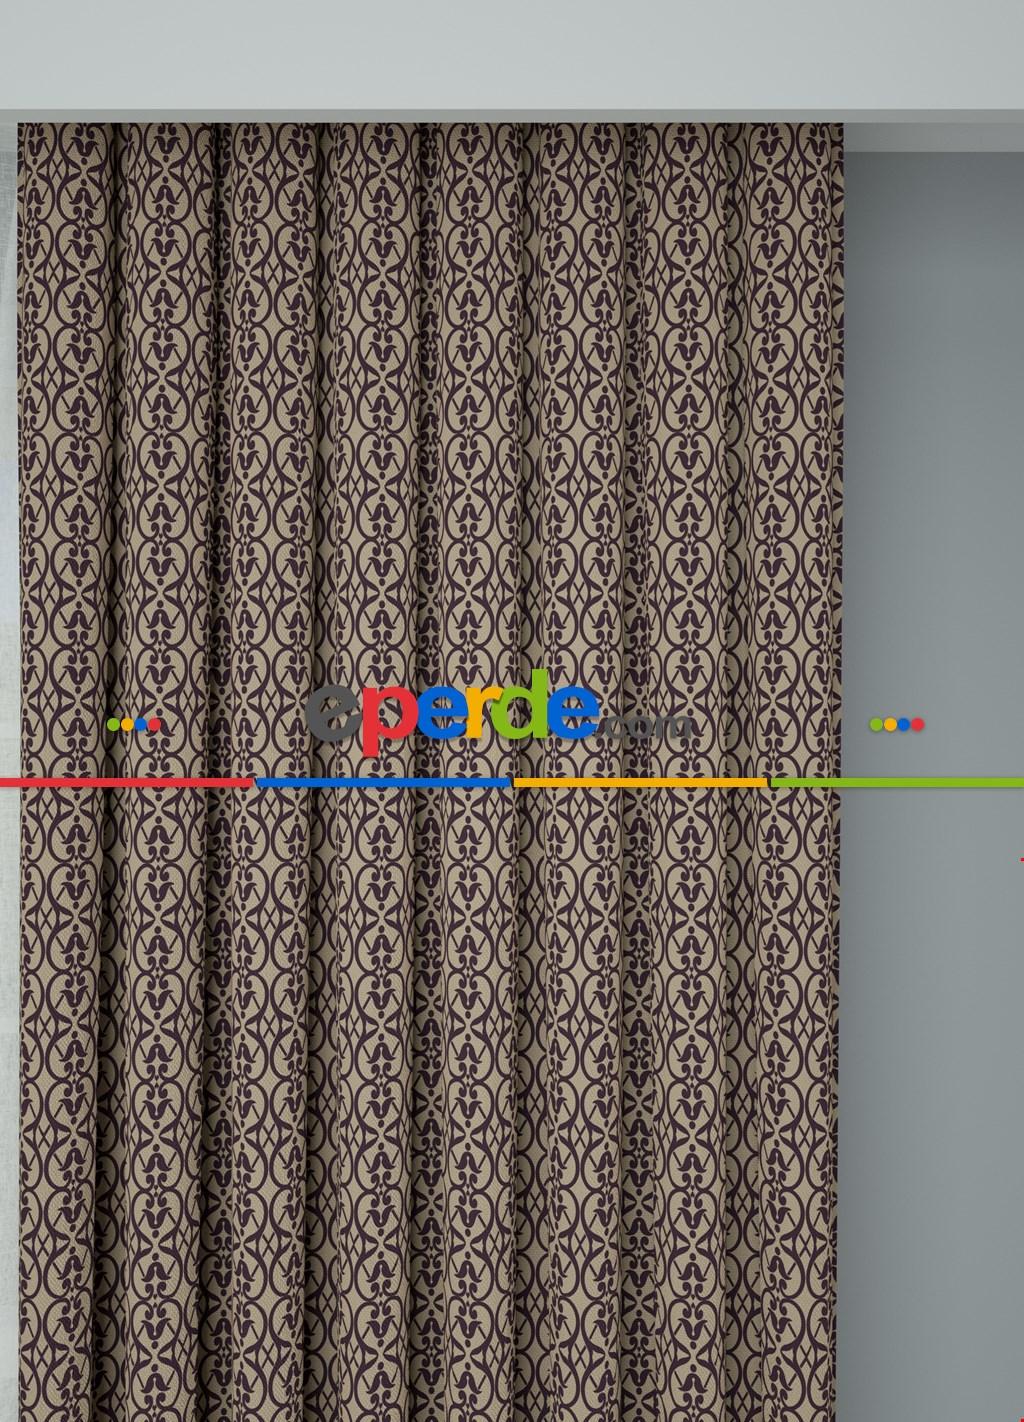 Bej Mor Modern Desenli Baskılı Fon Perde Geniş En 1. Kalite Çok Dökümlü